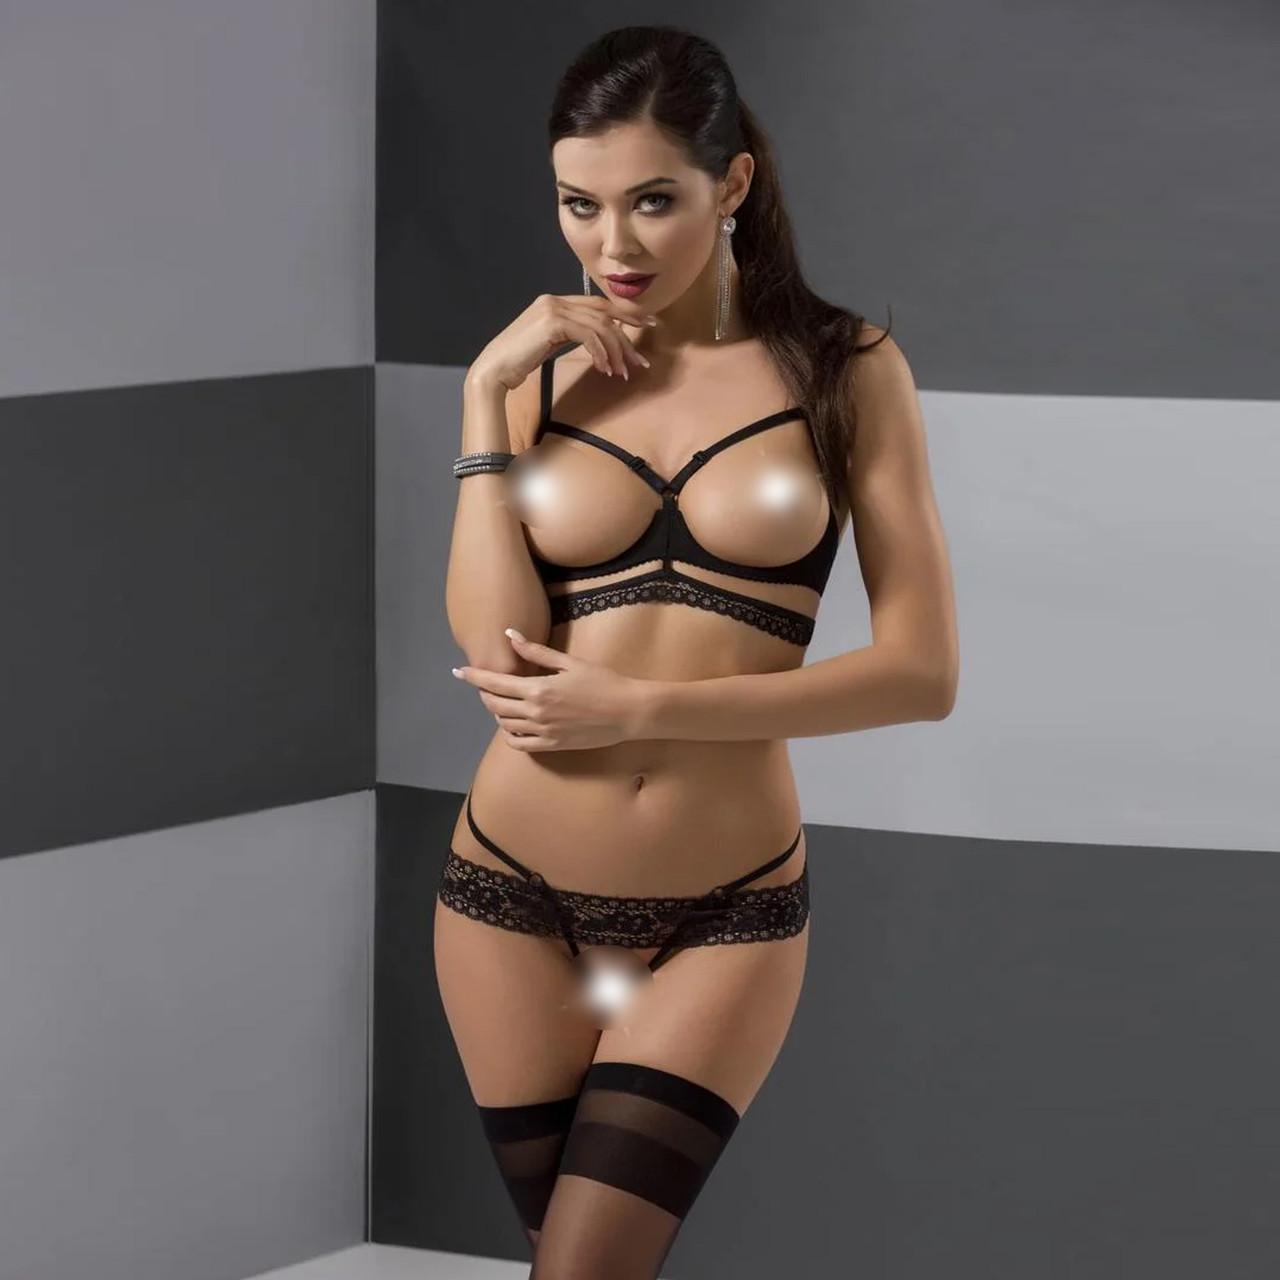 Комплект белья SARIA SET OpenBra black XXL/XXXL - Passion Exclusive: стрэпы: откртый лиф, стринги